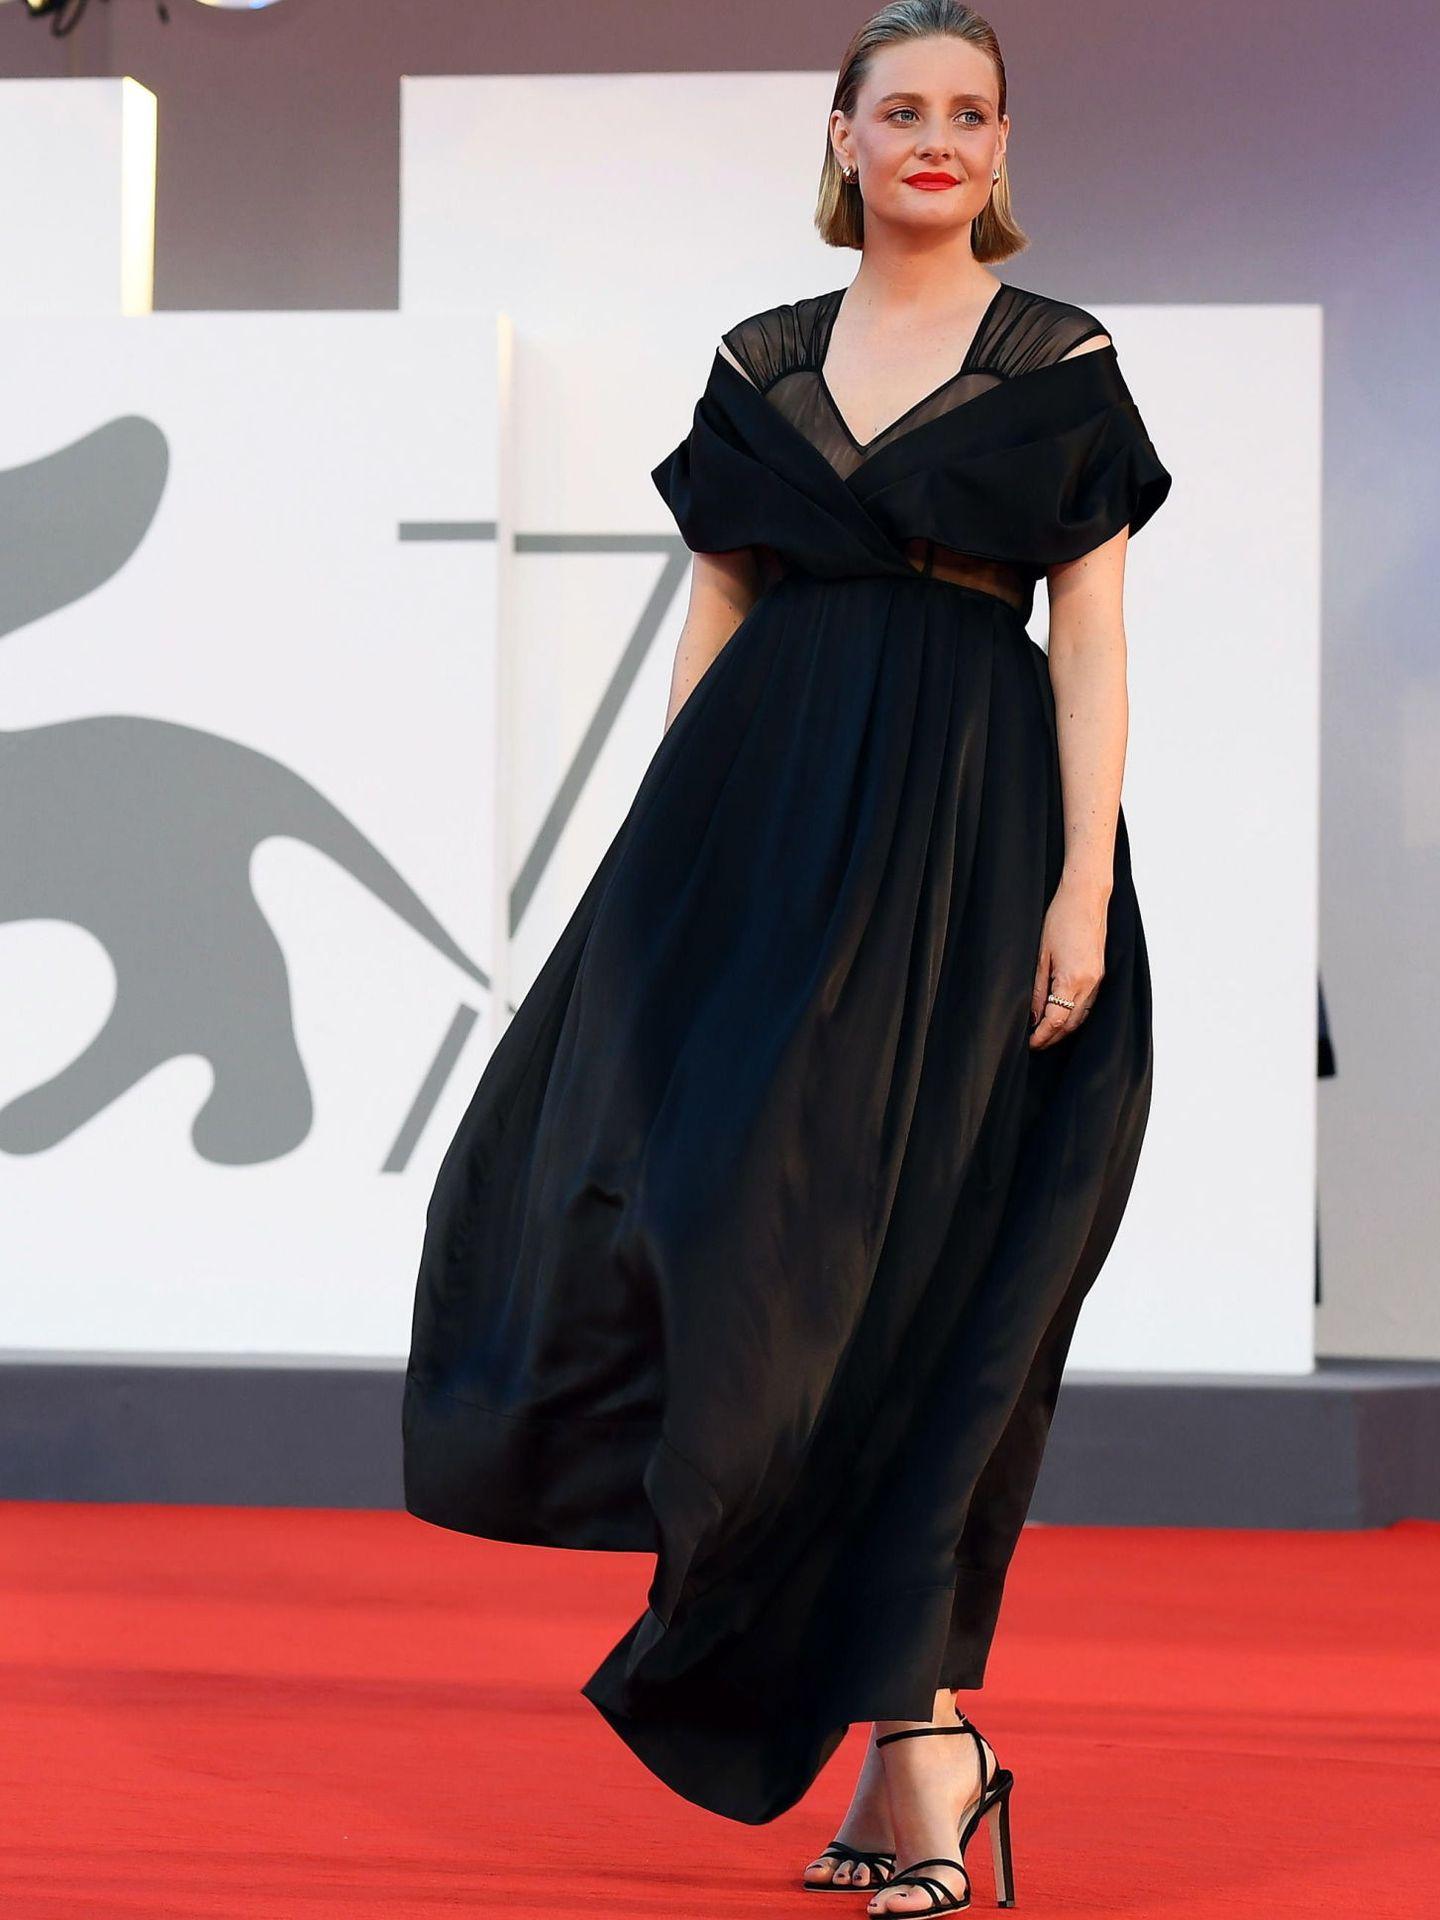 La actriz Romola Garai, en el estreno de 'Miss Marx' con un vestido negro, largo y original escote cruzado combinado con transparencias. (EFE)